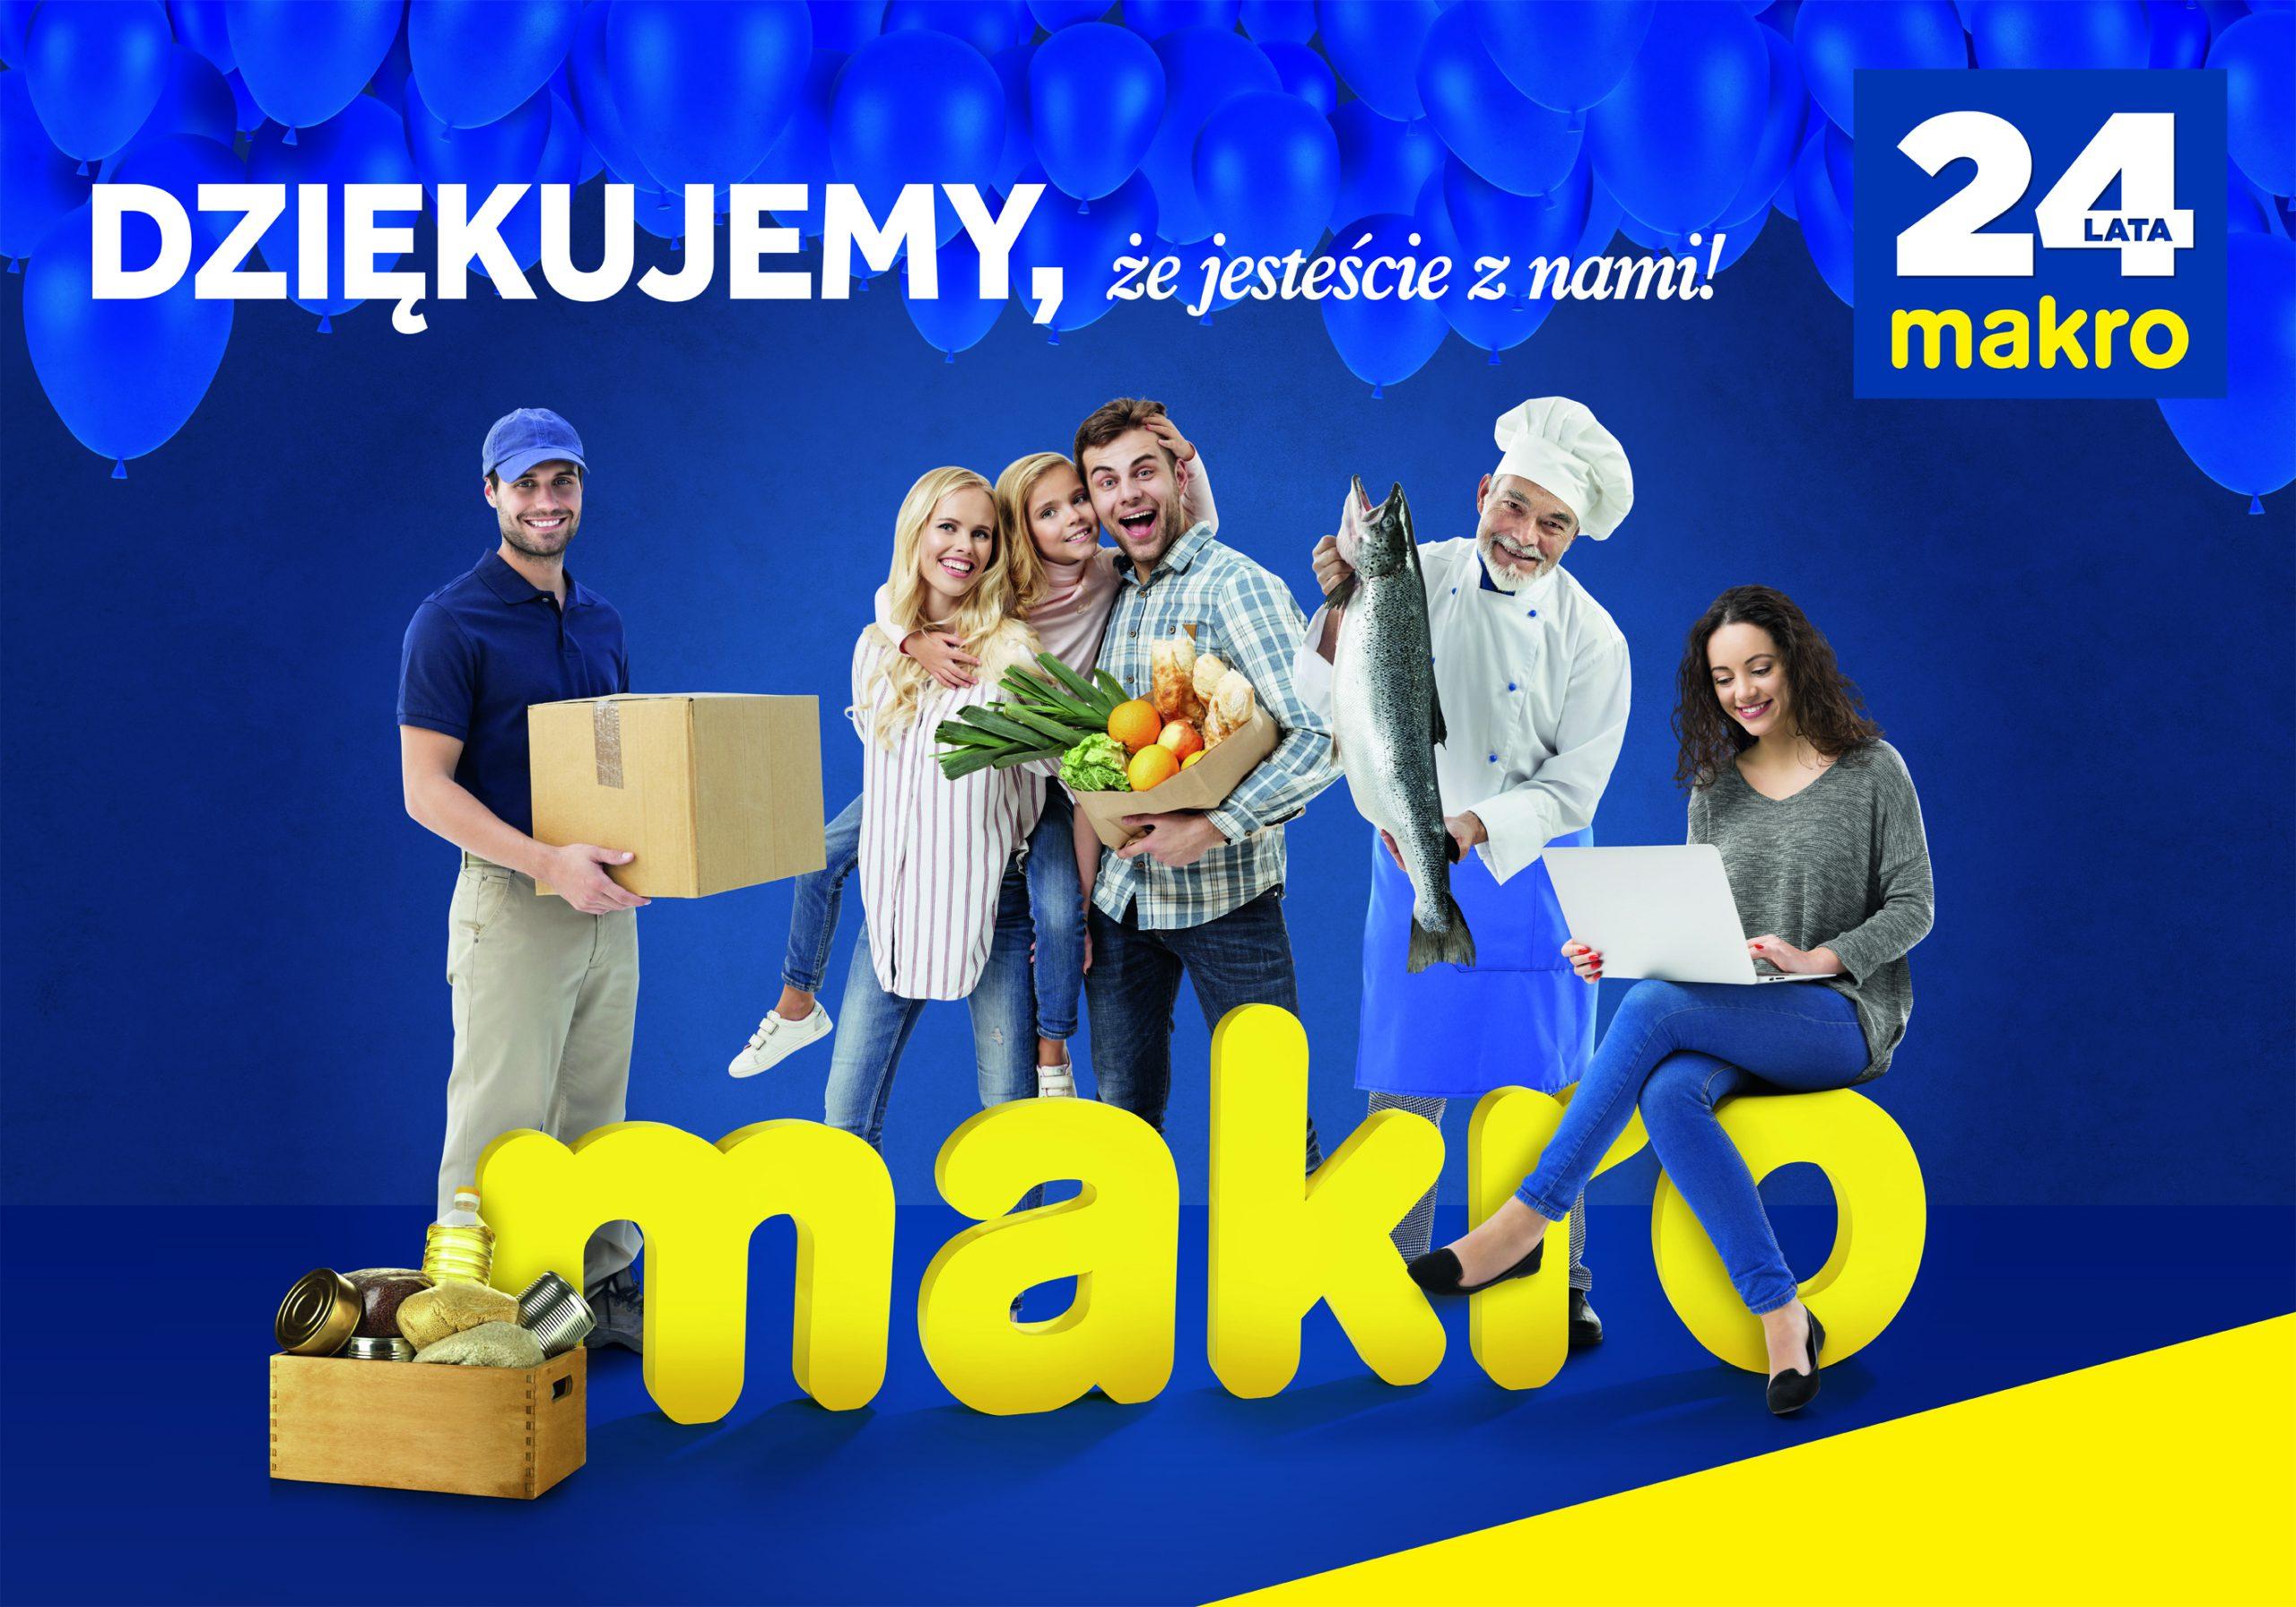 MAKRO Polska świętuje 24. urodziny